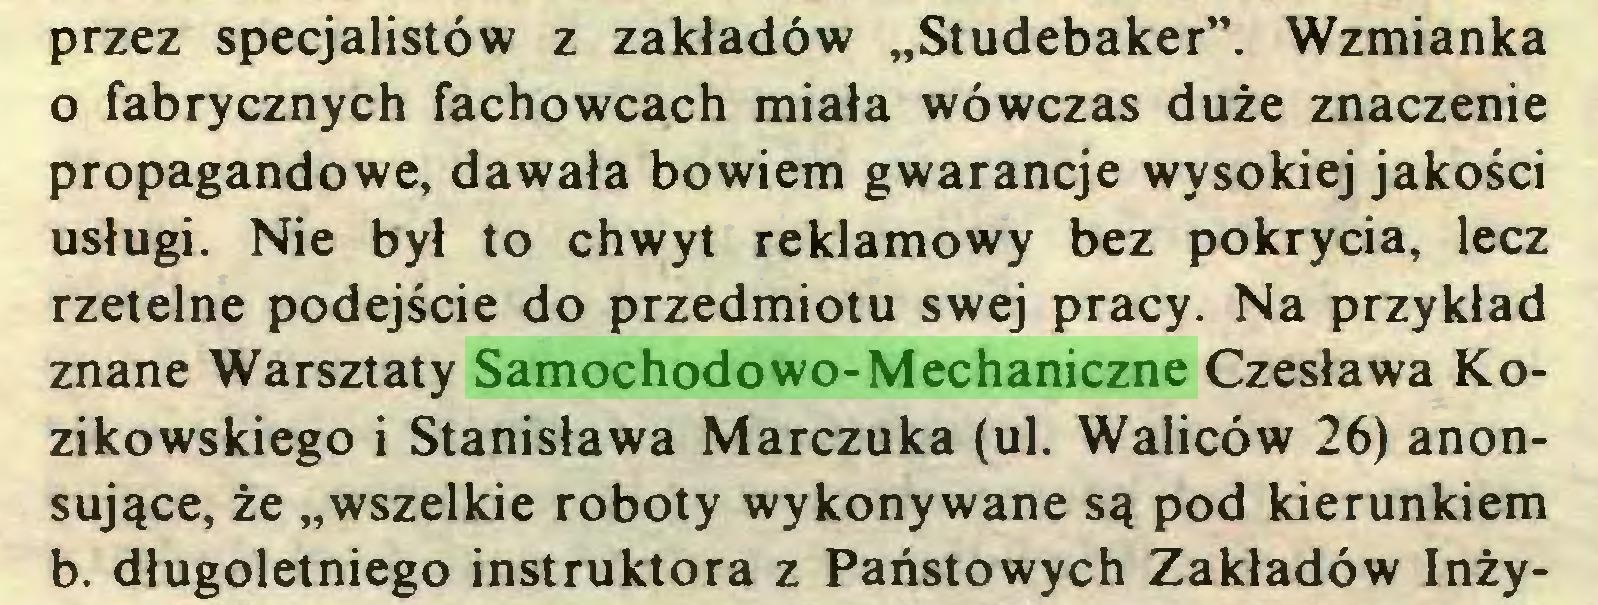 """(...) przez specjalistów z zakładów """"Studebaker"""". Wzmianka o fabrycznych fachowcach miała wówczas duże znaczenie propagandowe, dawała bowiem gwarancje wysokiej jakości usługi. Nie był to chwyt reklamowy bez pokrycia, lecz rzetelne podejście do przedmiotu swej pracy. Na przykład znane Warsztaty Samochodowo-Mechaniczne Czesława Kozikowskiego i Stanisława Marczuka (ul. Waliców 26) anonsujące, że """"wszelkie roboty wykonywane są pod kierunkiem b. długoletniego instruktora z Państowych Zakładów Inży..."""